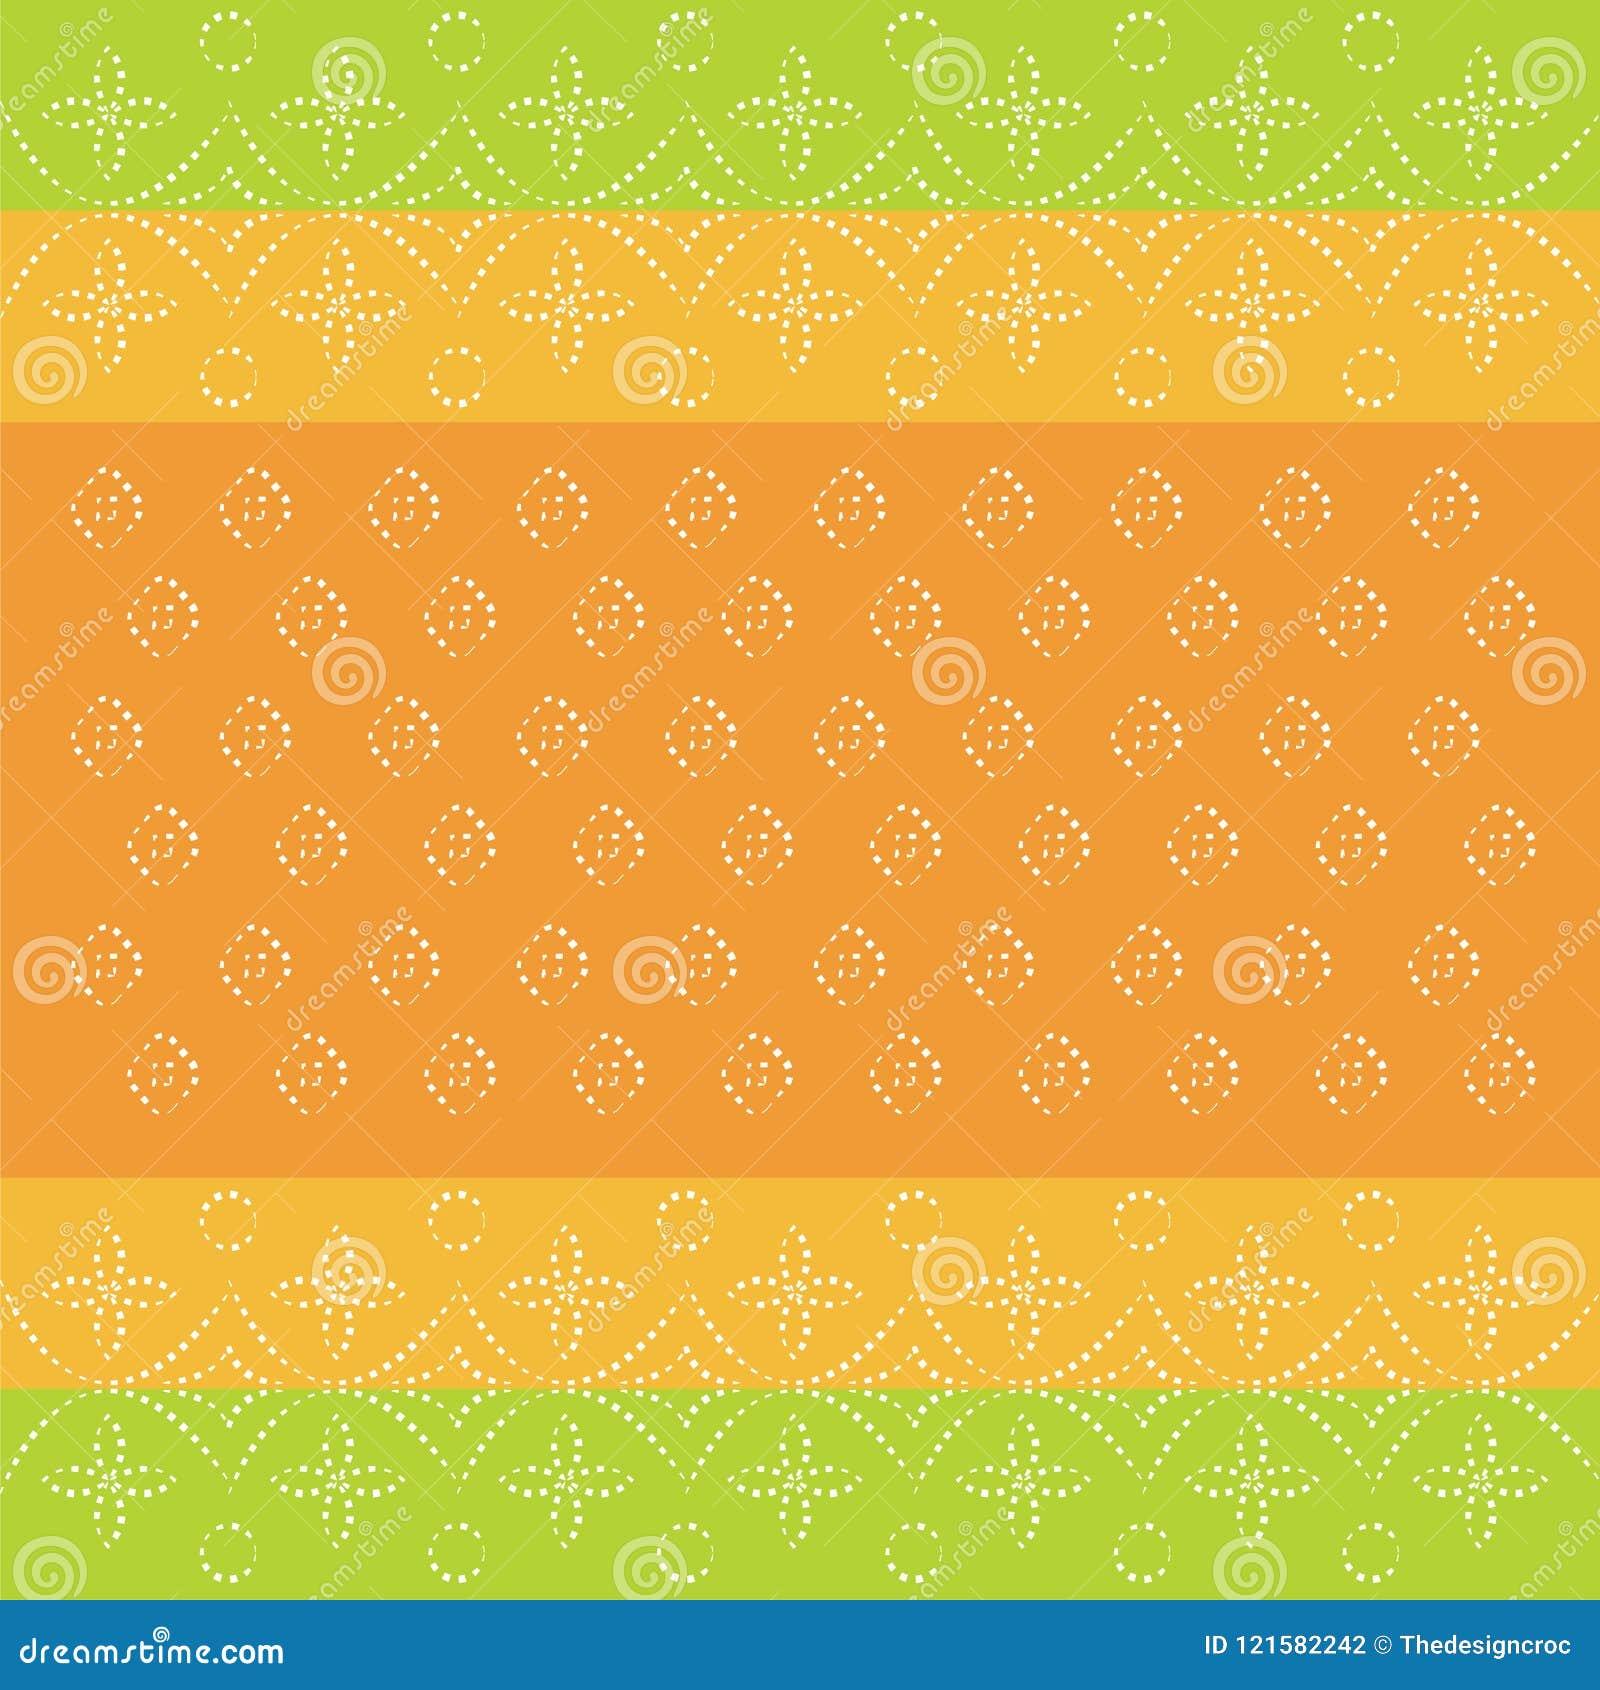 Indian Bandhani Traditional Pattern Wallpaper Card Design Green